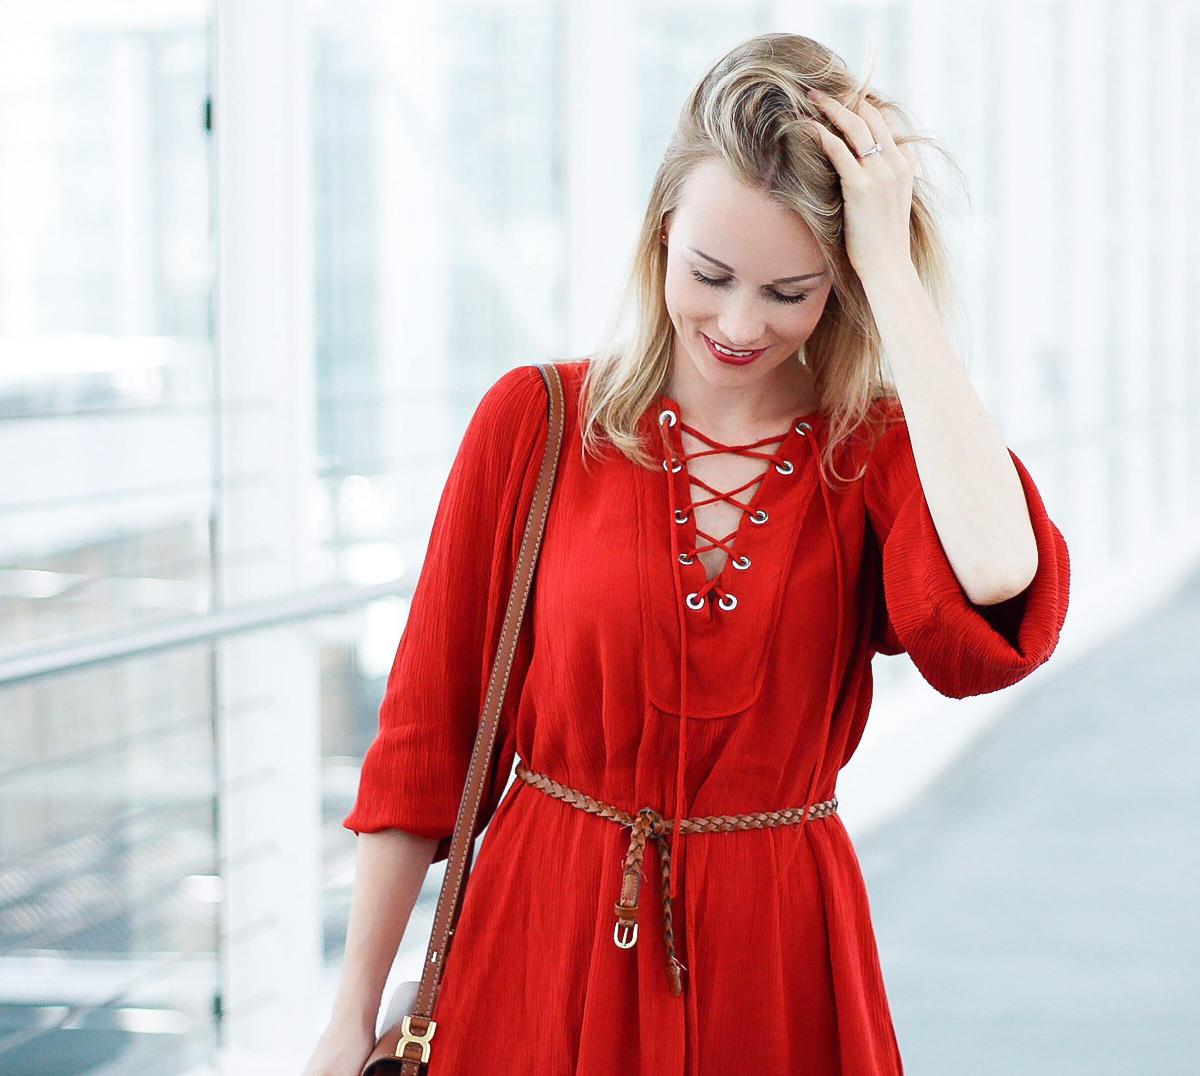 stylingliebe-fashionblog-muenchen-munich-blogger-fashionblogger-bloggerdeutschland-lifestyleblog-modeblog-muenchen-germanblogger-ueber-das-mama-werden-und-sein-2 (1)